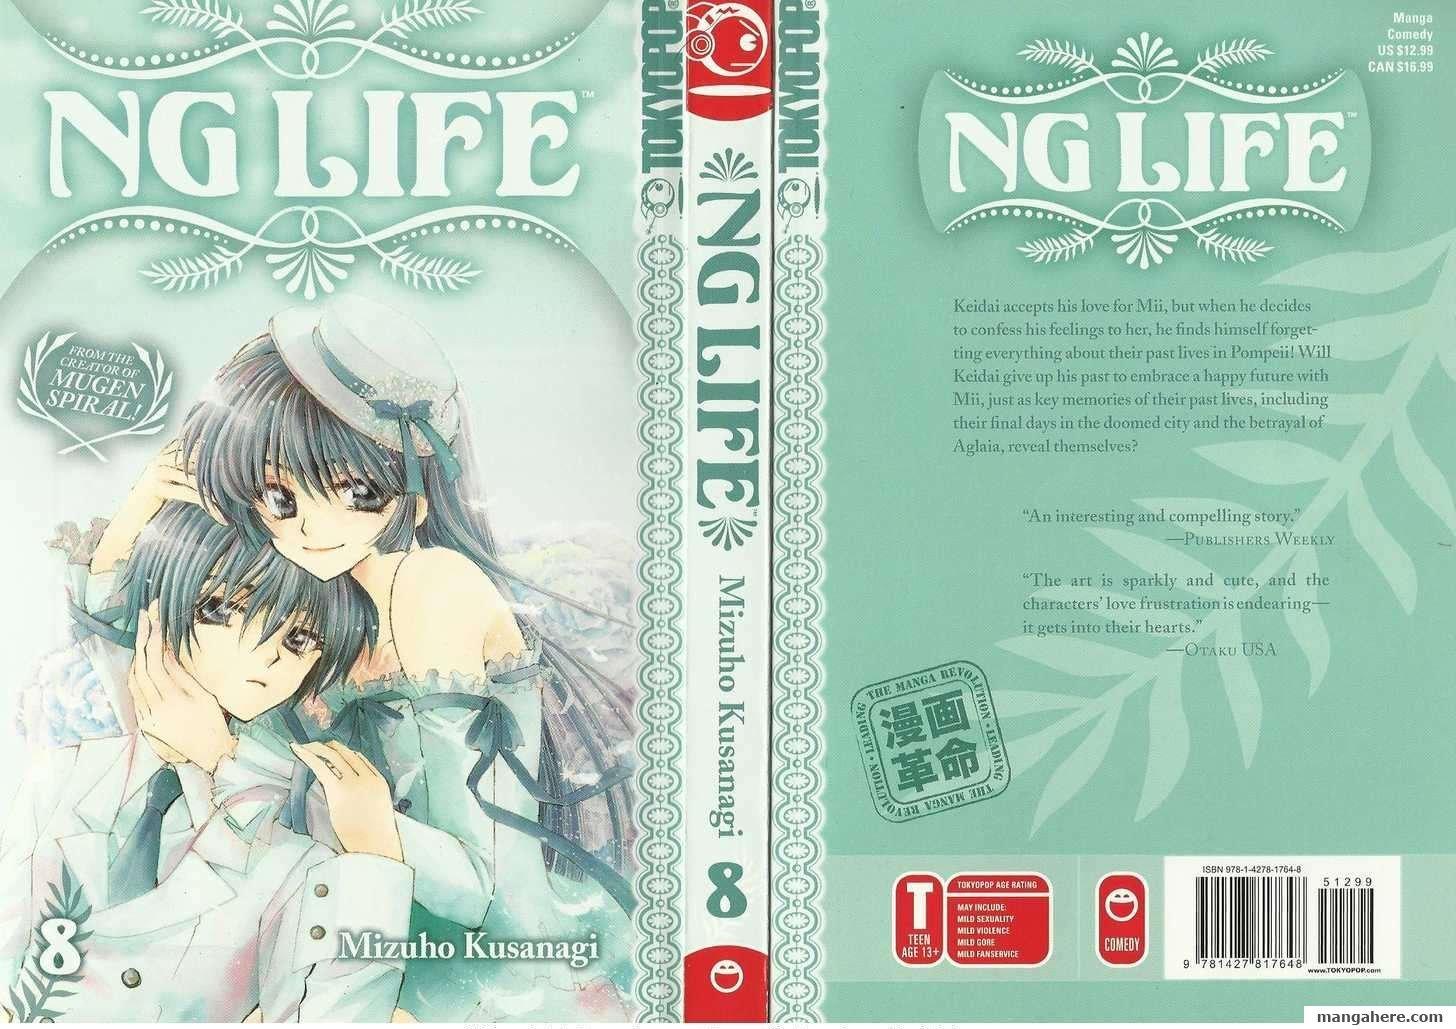 NG LIFE 41 Page 1